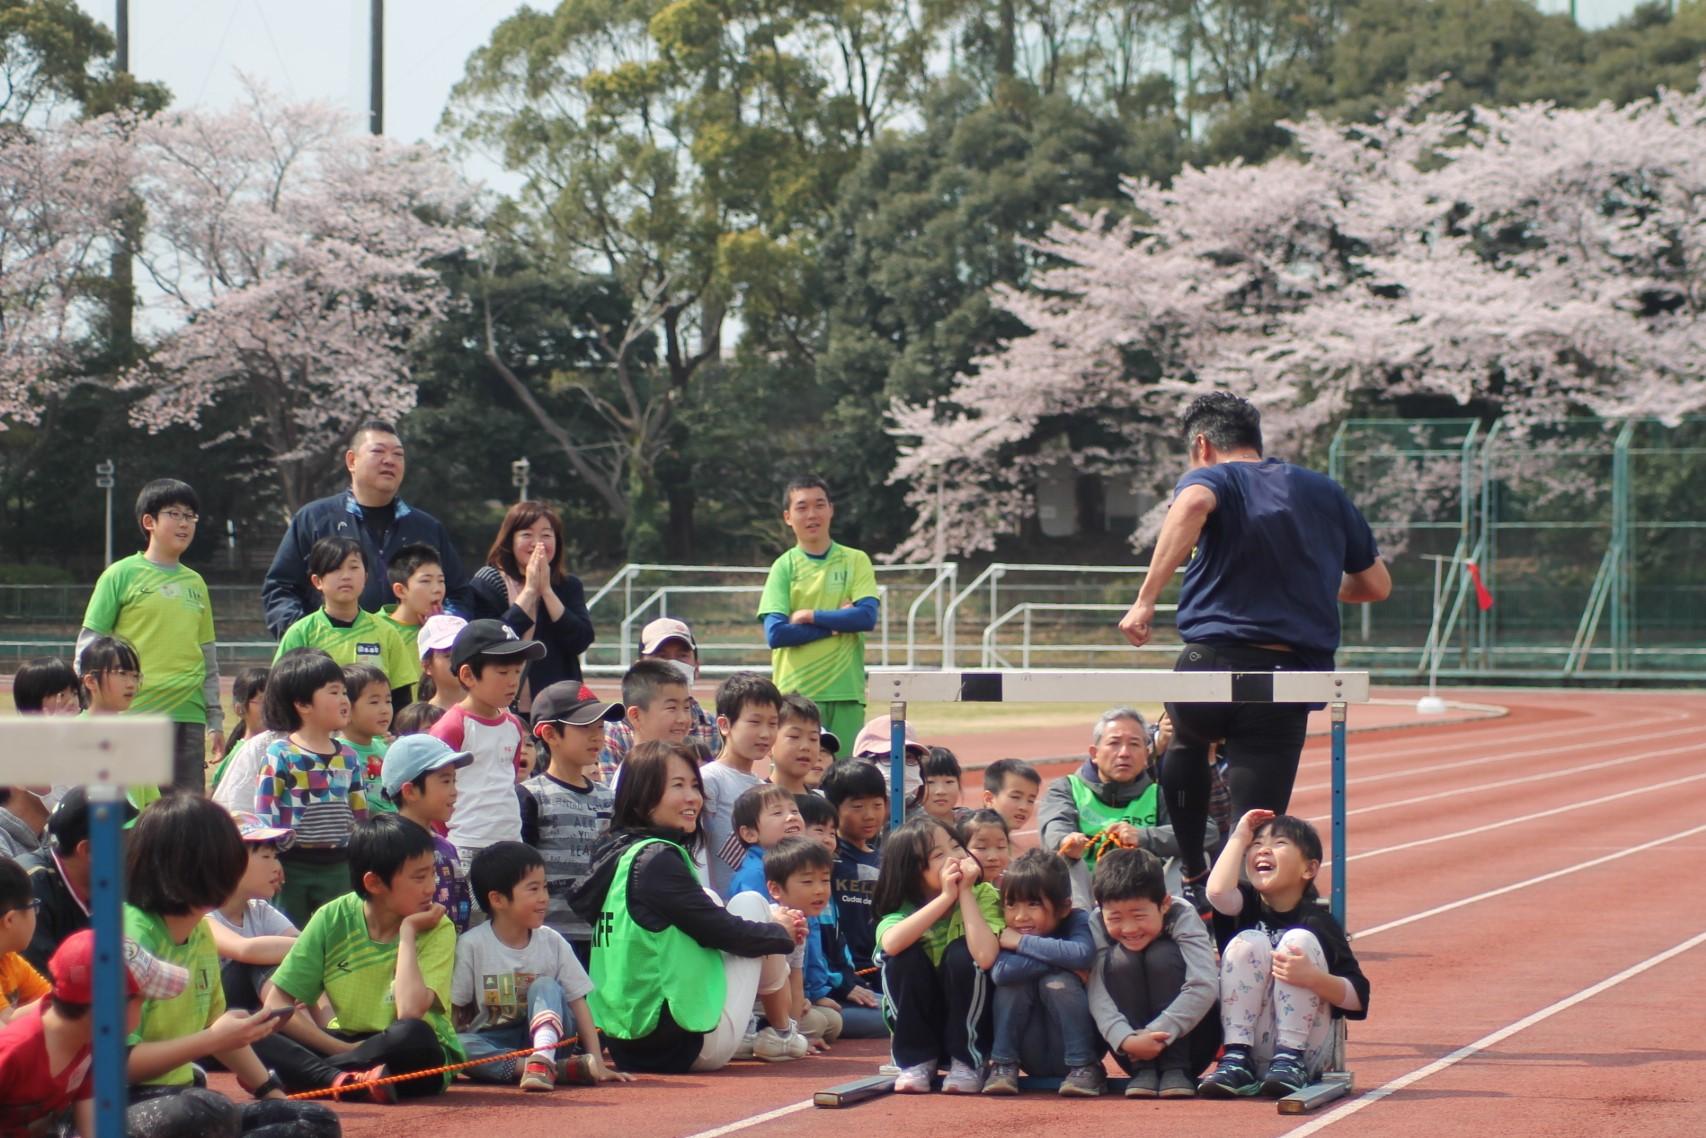 ハードルのデモンストレーションでは、短距離・ハードラーの吉岡康典が子どもたちを自分が飛ぶハードルの下に座らせ、飛び越えてみせた